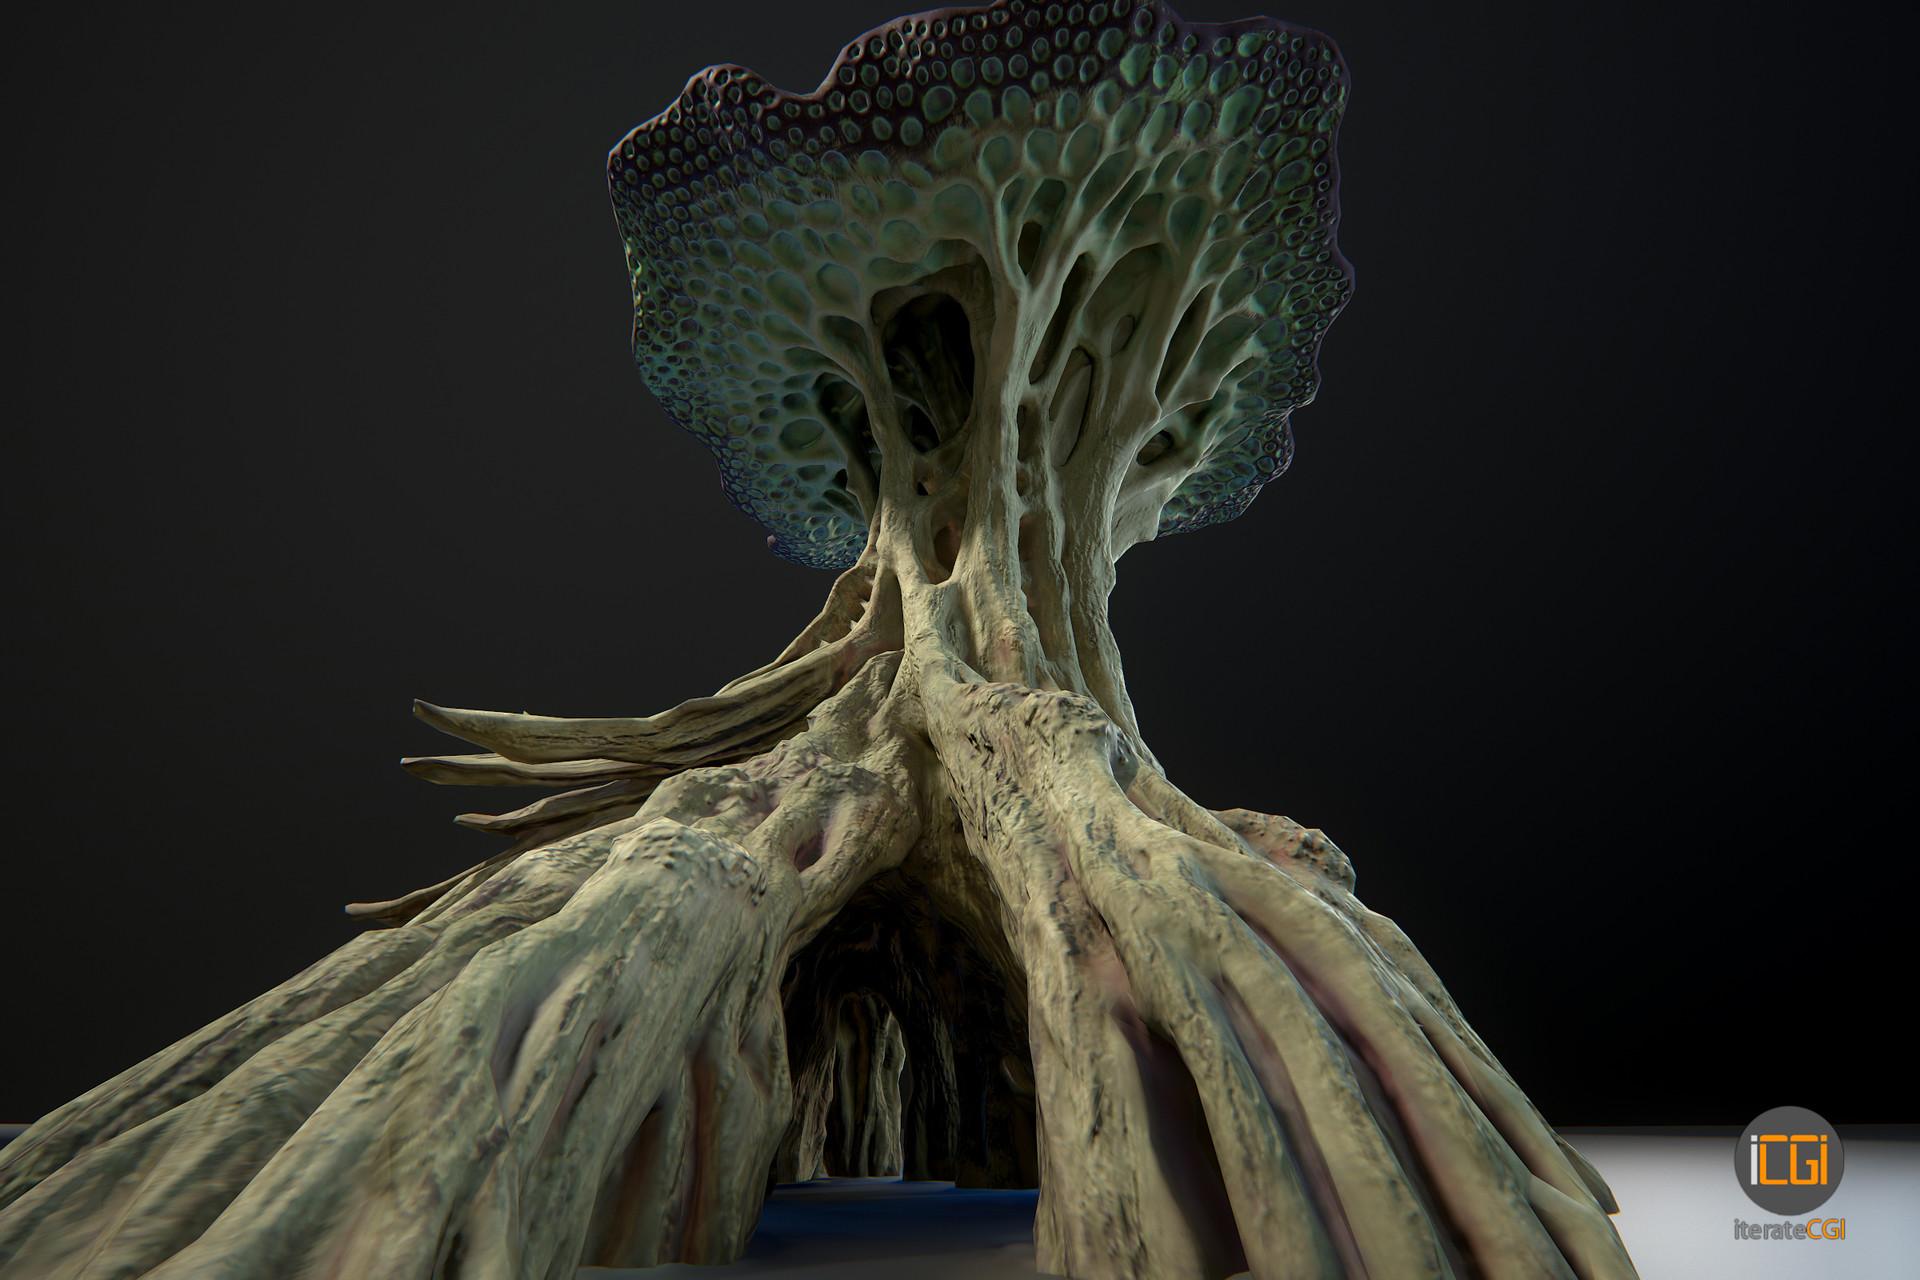 Johan de leenheer alien plant mushroom type2 21